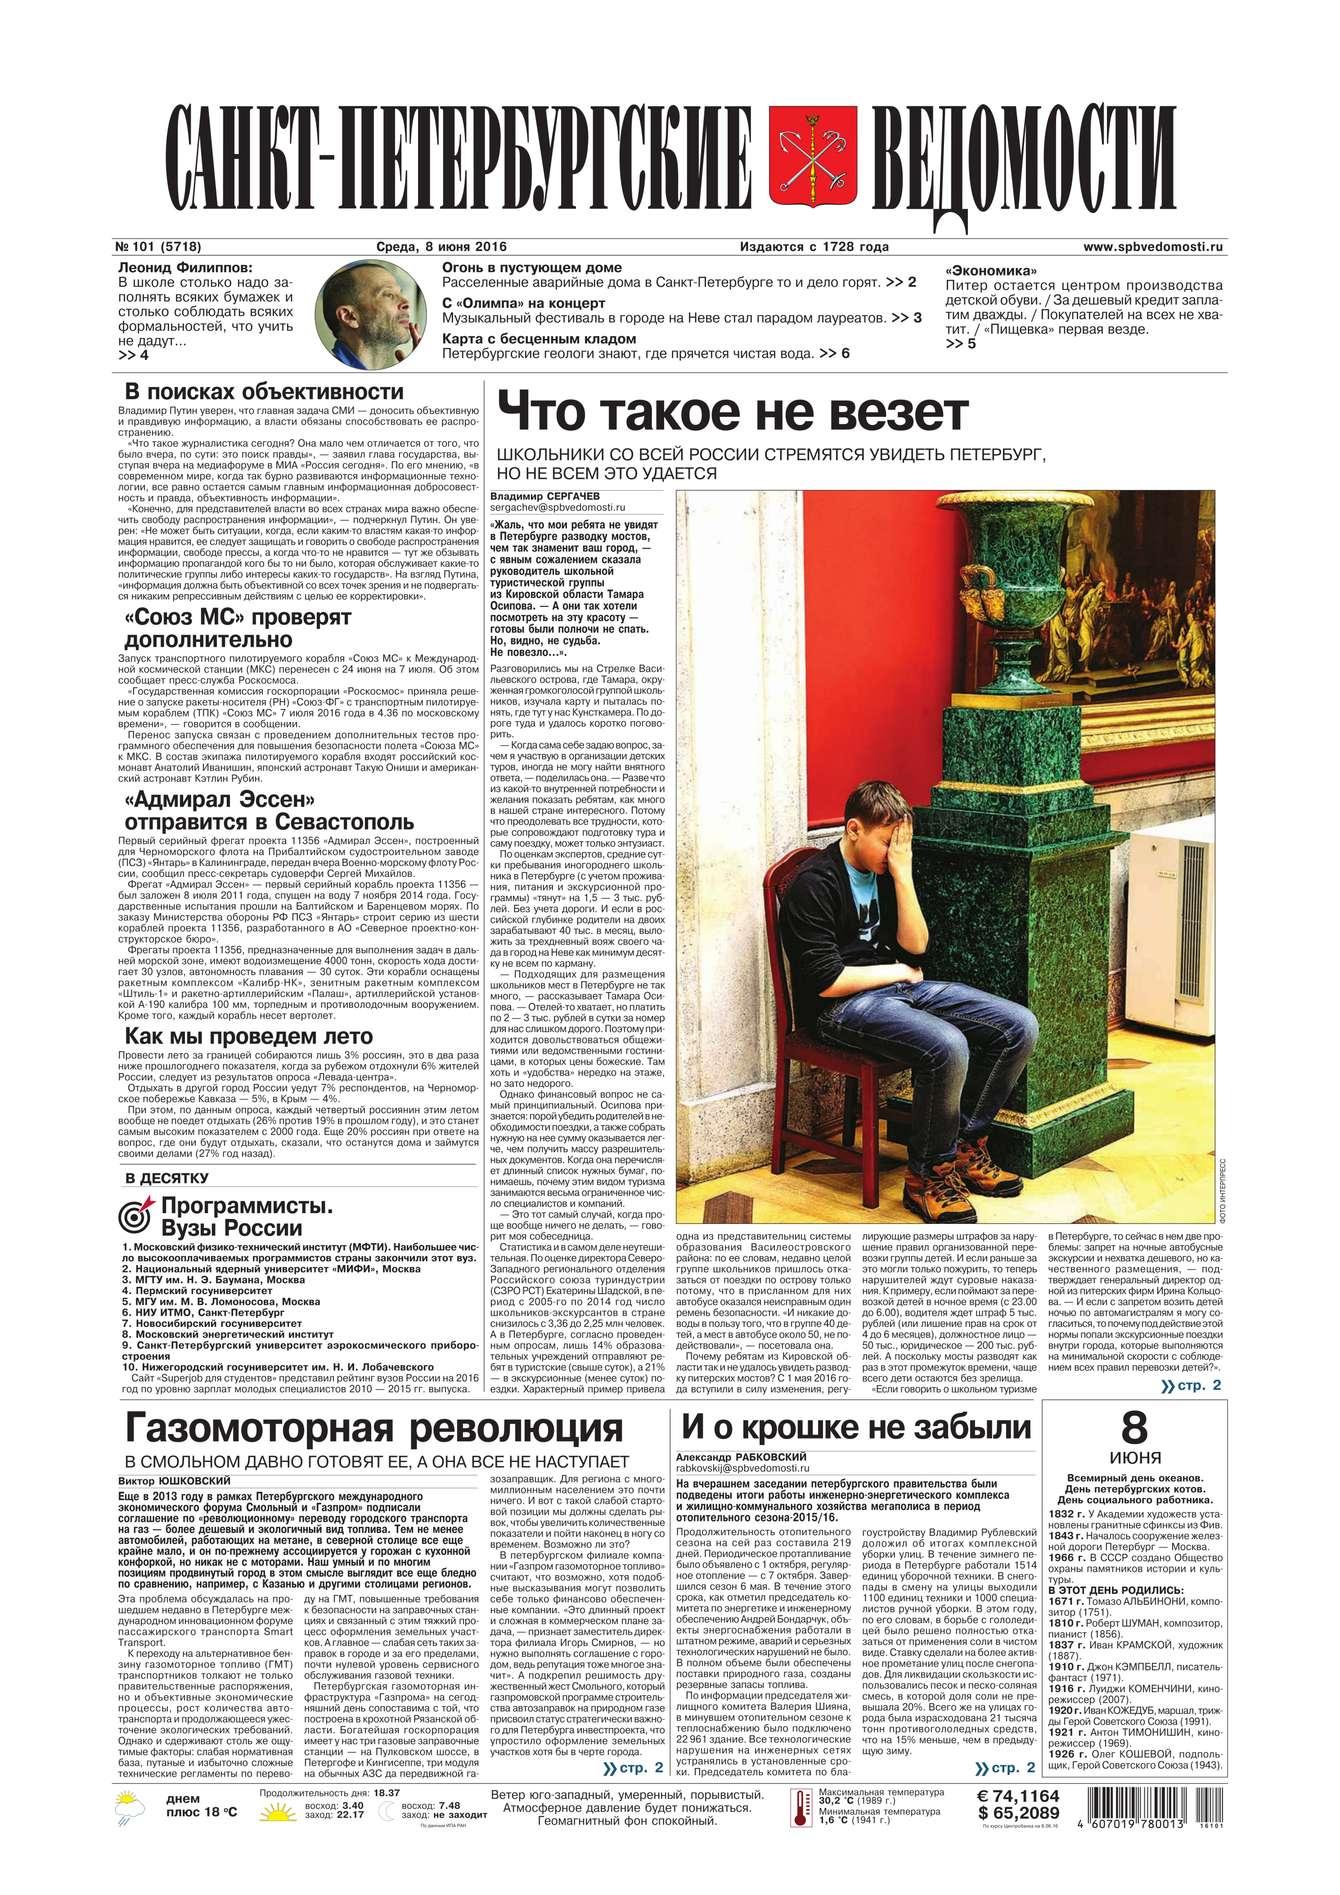 Редакция газеты Санкт-Петербургские ведомости 101-2016